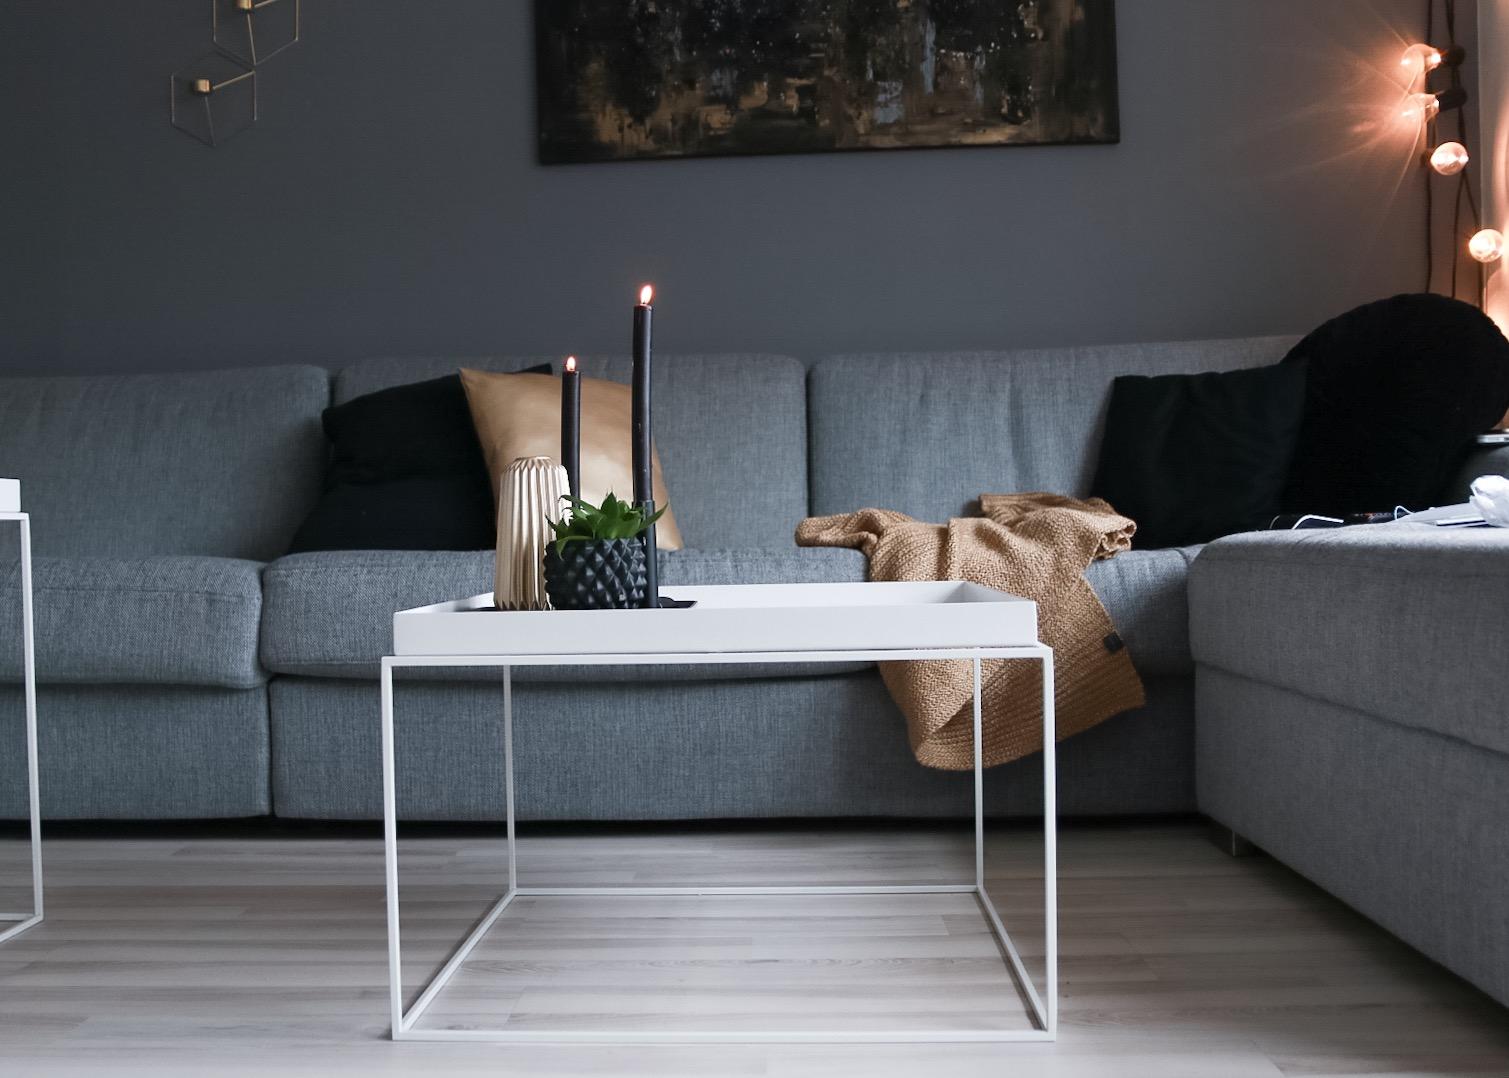 ikea katalog for 2018 hvitelinjer. Black Bedroom Furniture Sets. Home Design Ideas